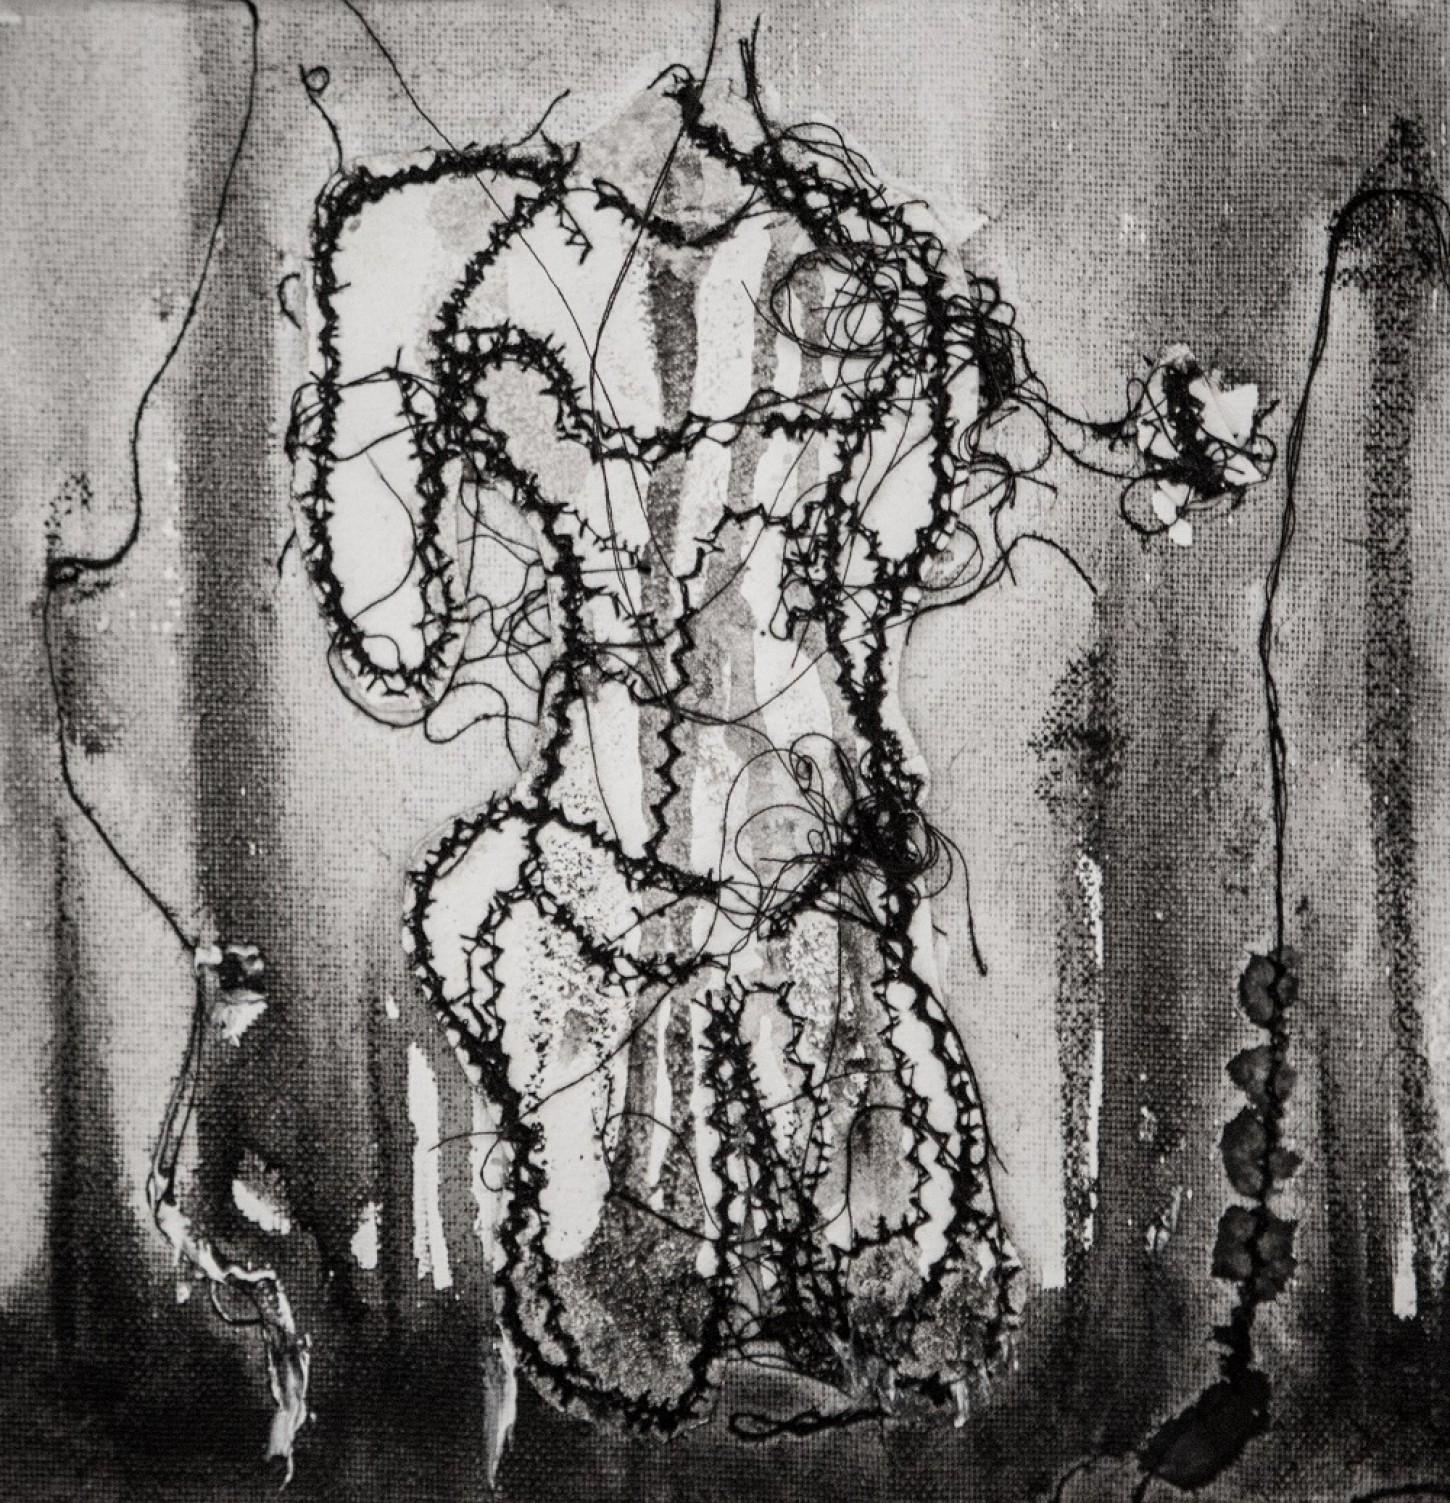 fils noirs, tissus, peinture sur toile 20 x 20cm